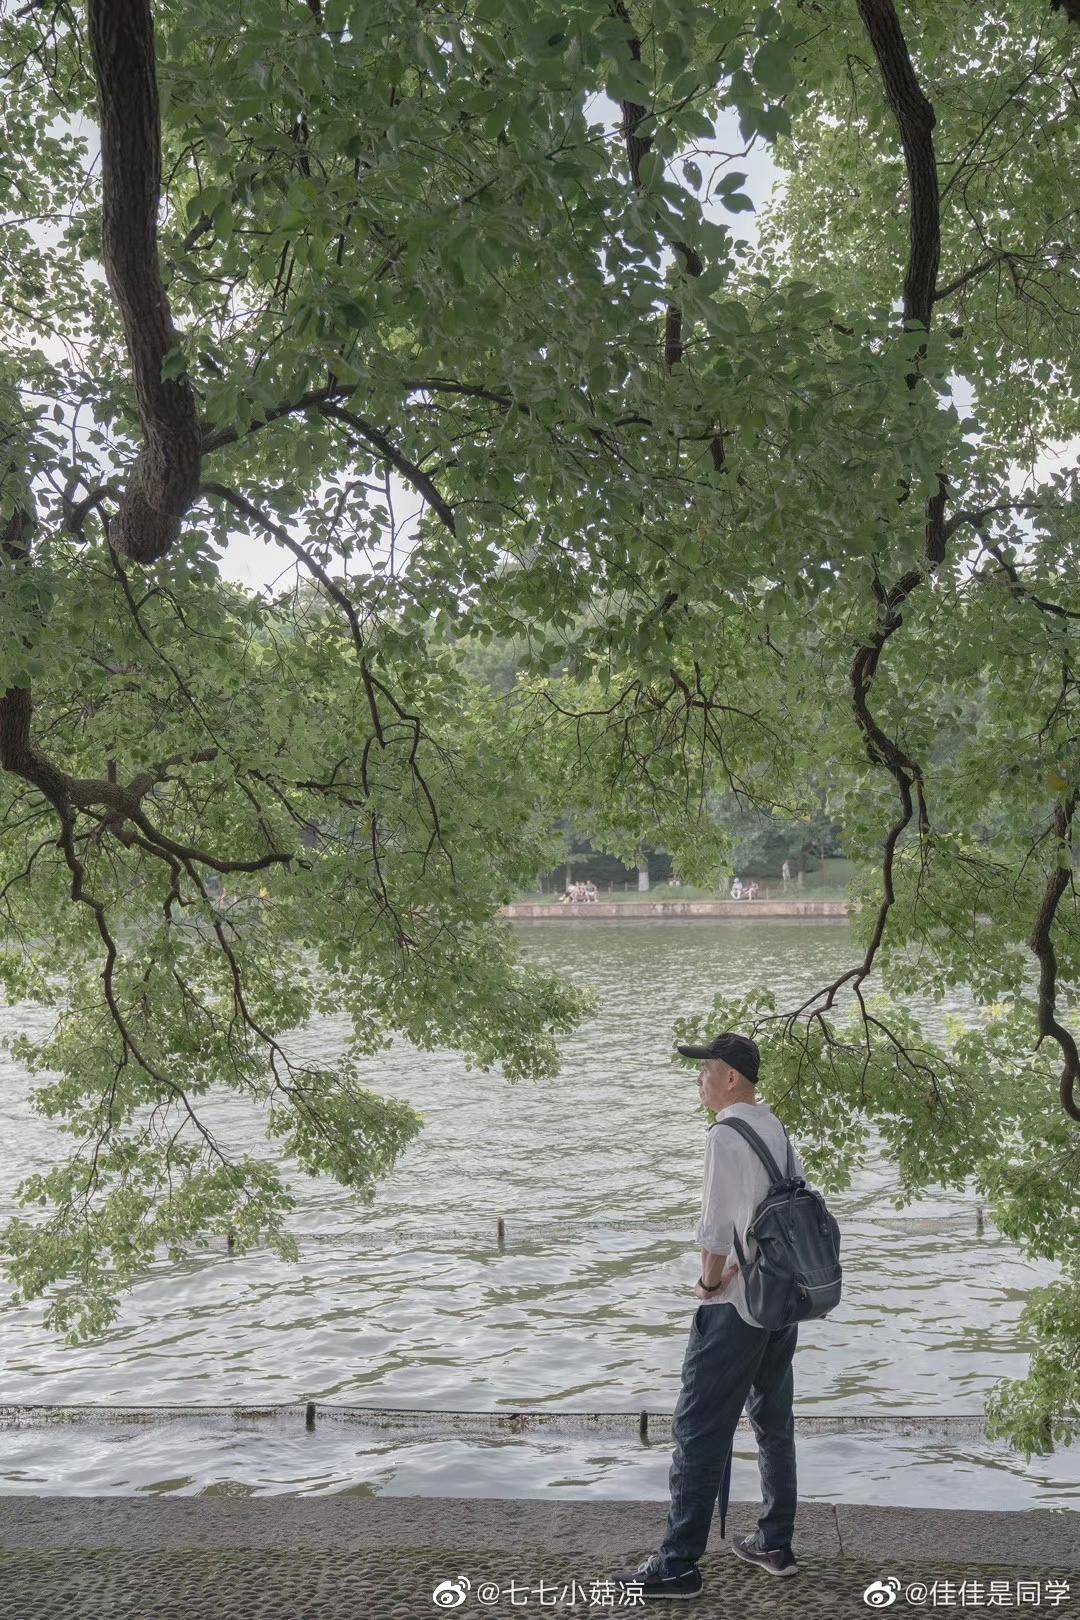 学员作品欣赏,来自Jia@佳佳是同学 的父亲。山河间的身影